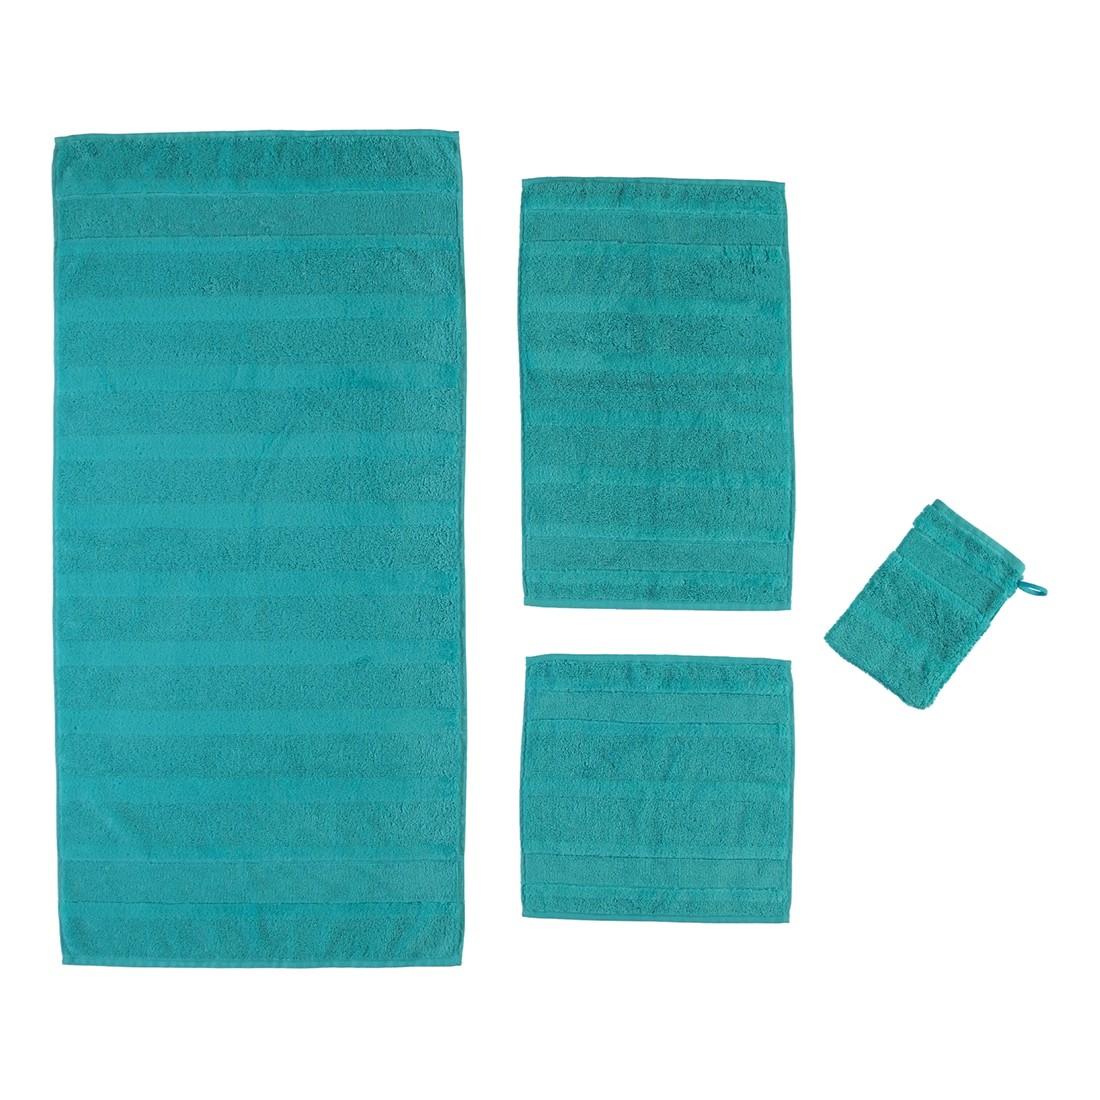 Handtuch Noblesse2 – 100% Baumwolle – Türkis – 430 – Gästetuch: 30 x 50 cm, Cawö bestellen